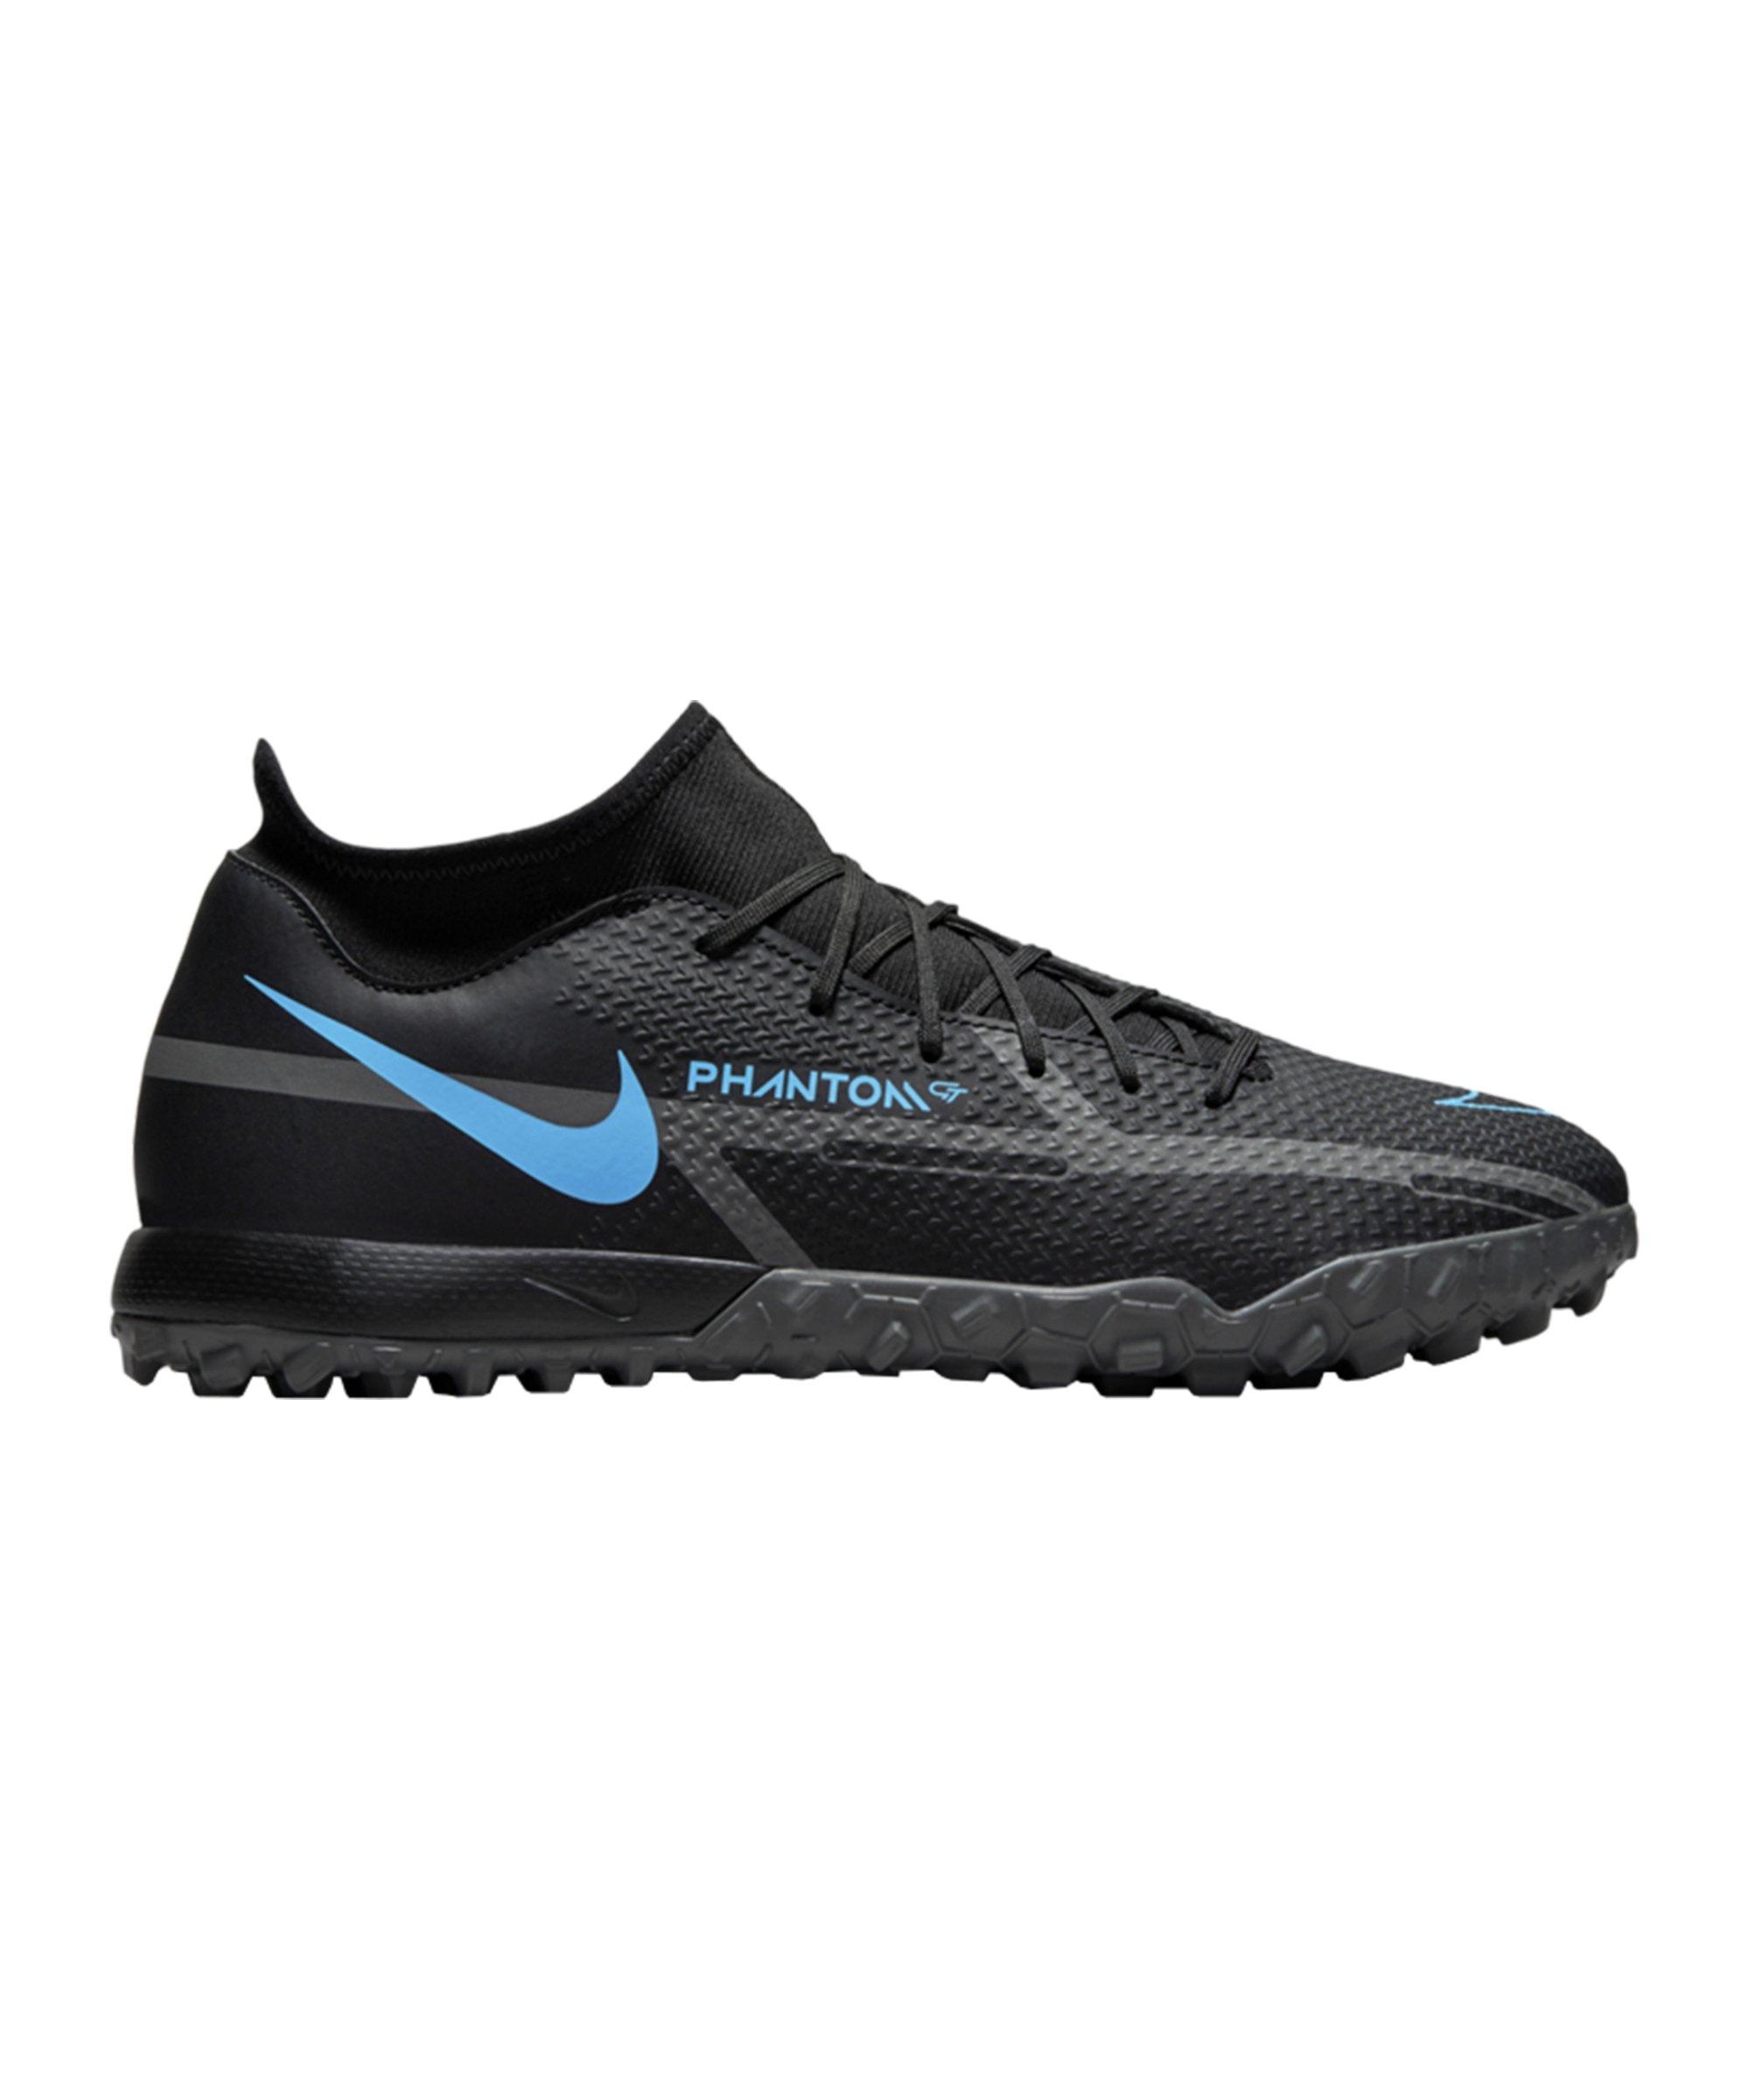 Nike Phantom GT2 Renew Academy DF TF Schwarz Blau F004 - schwarz